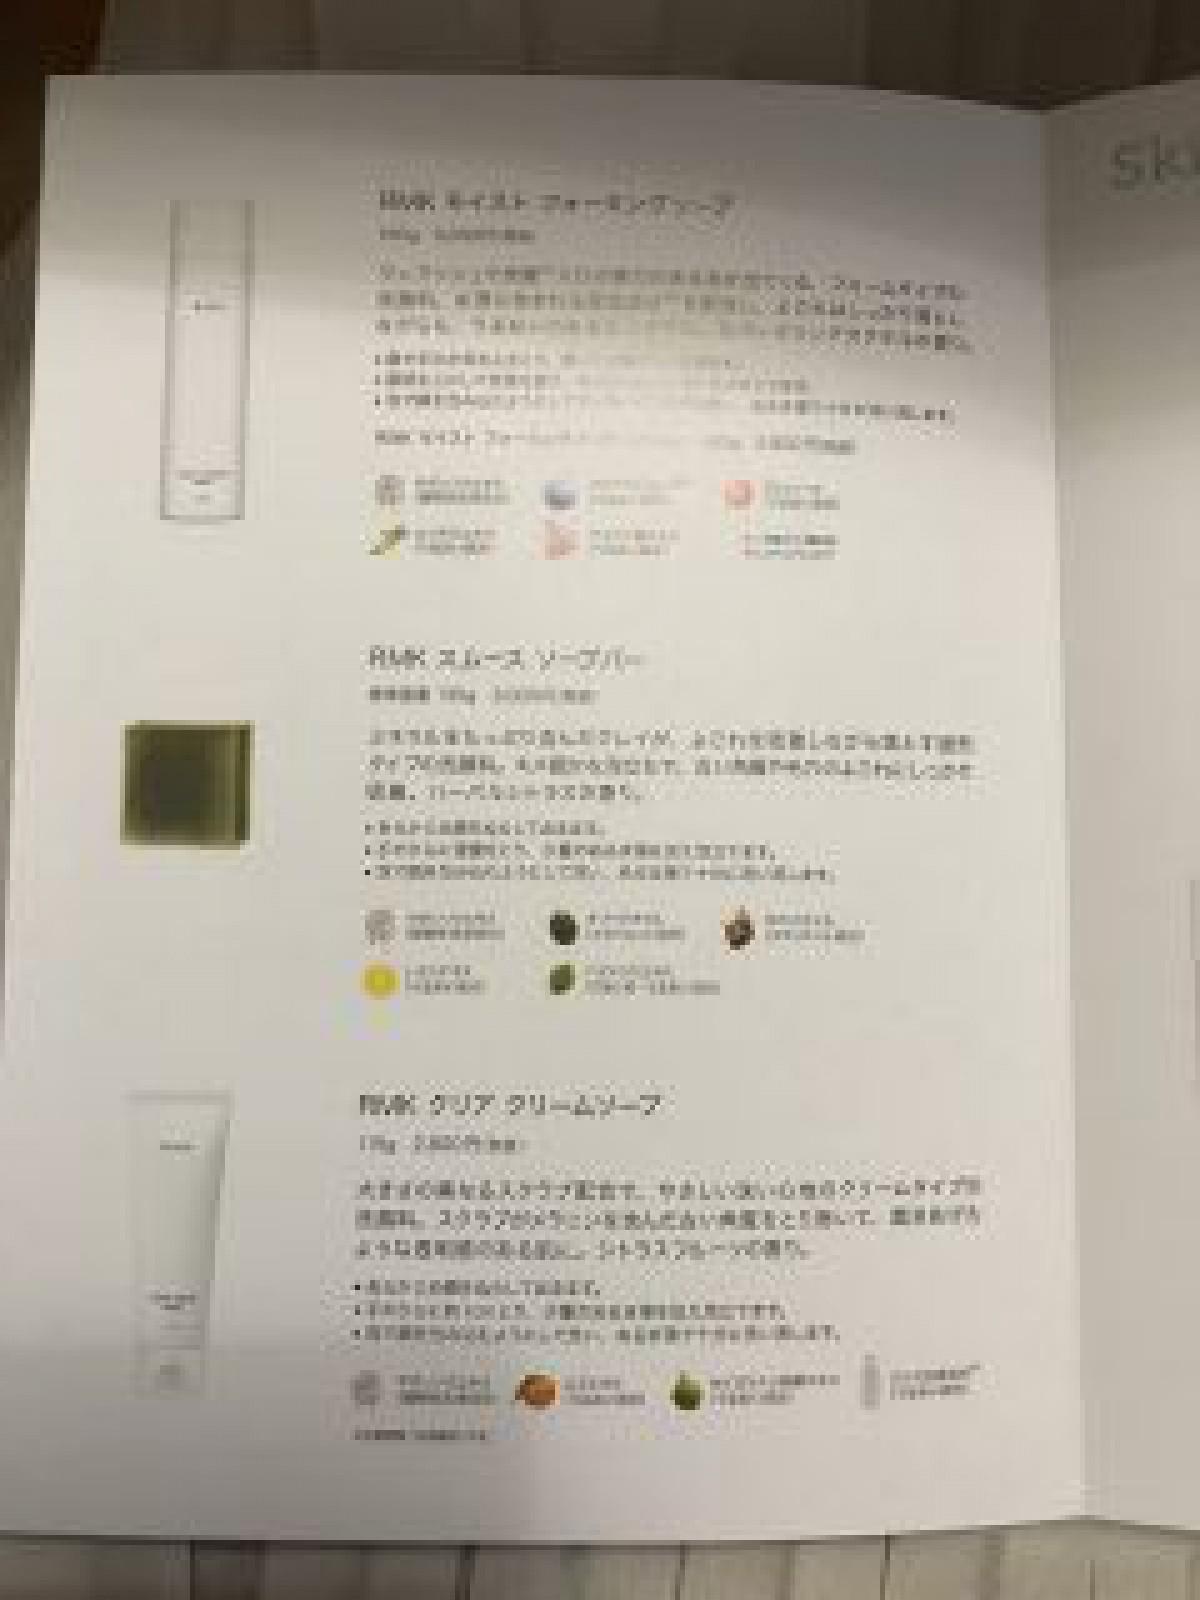 【RMKスキンケア】人気化粧水で!使い方,評価,口コミは?